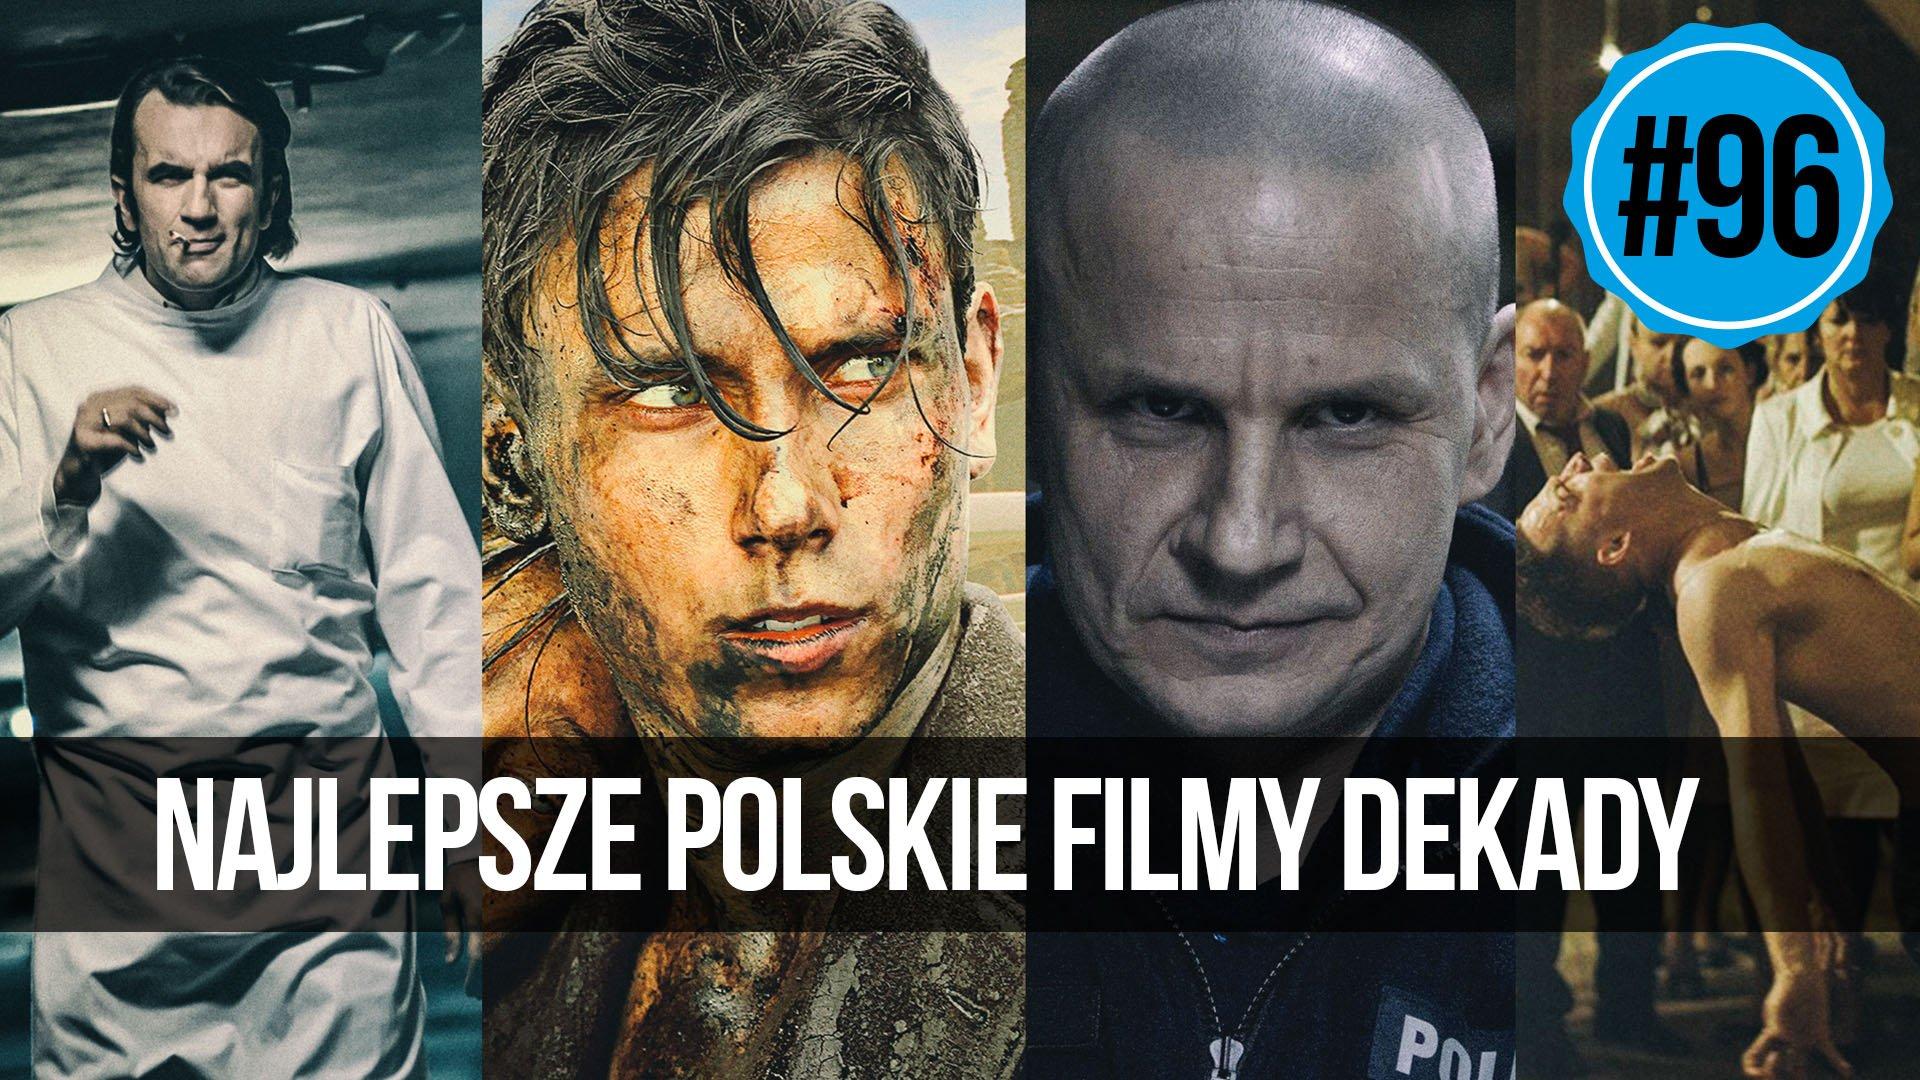 naEKRANACH #96 – Najlepsze polskie filmy dekady